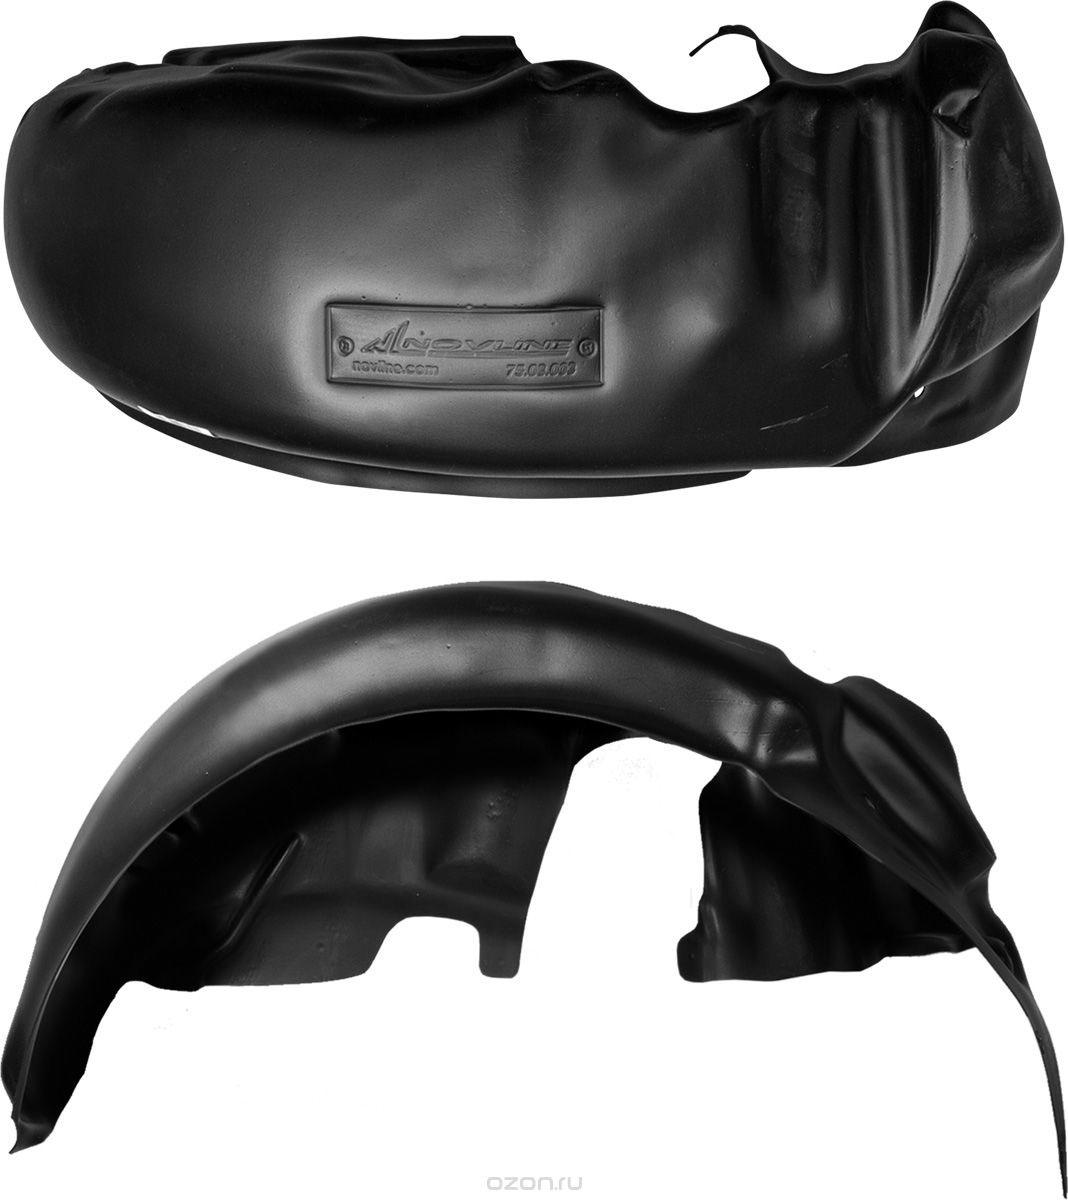 Подкрылок Novline-Autofamily, для Toyota Verso, 2012->, задний правыйNLL.48.55.004Идеальная защита колесной ниши. Локеры разработаны с применением цифровых технологий, гарантируют максимальную повторяемость поверхности арки. Изделия устанавливаются без нарушения лакокрасочного покрытия автомобиля, каждый подкрылок комплектуется крепежом. Уважаемые клиенты, обращаем ваше внимание, что фотографии на подкрылки универсальные и не отражают реальную форму изделия. При этом само изделие идет точно под размер указанного автомобиля.